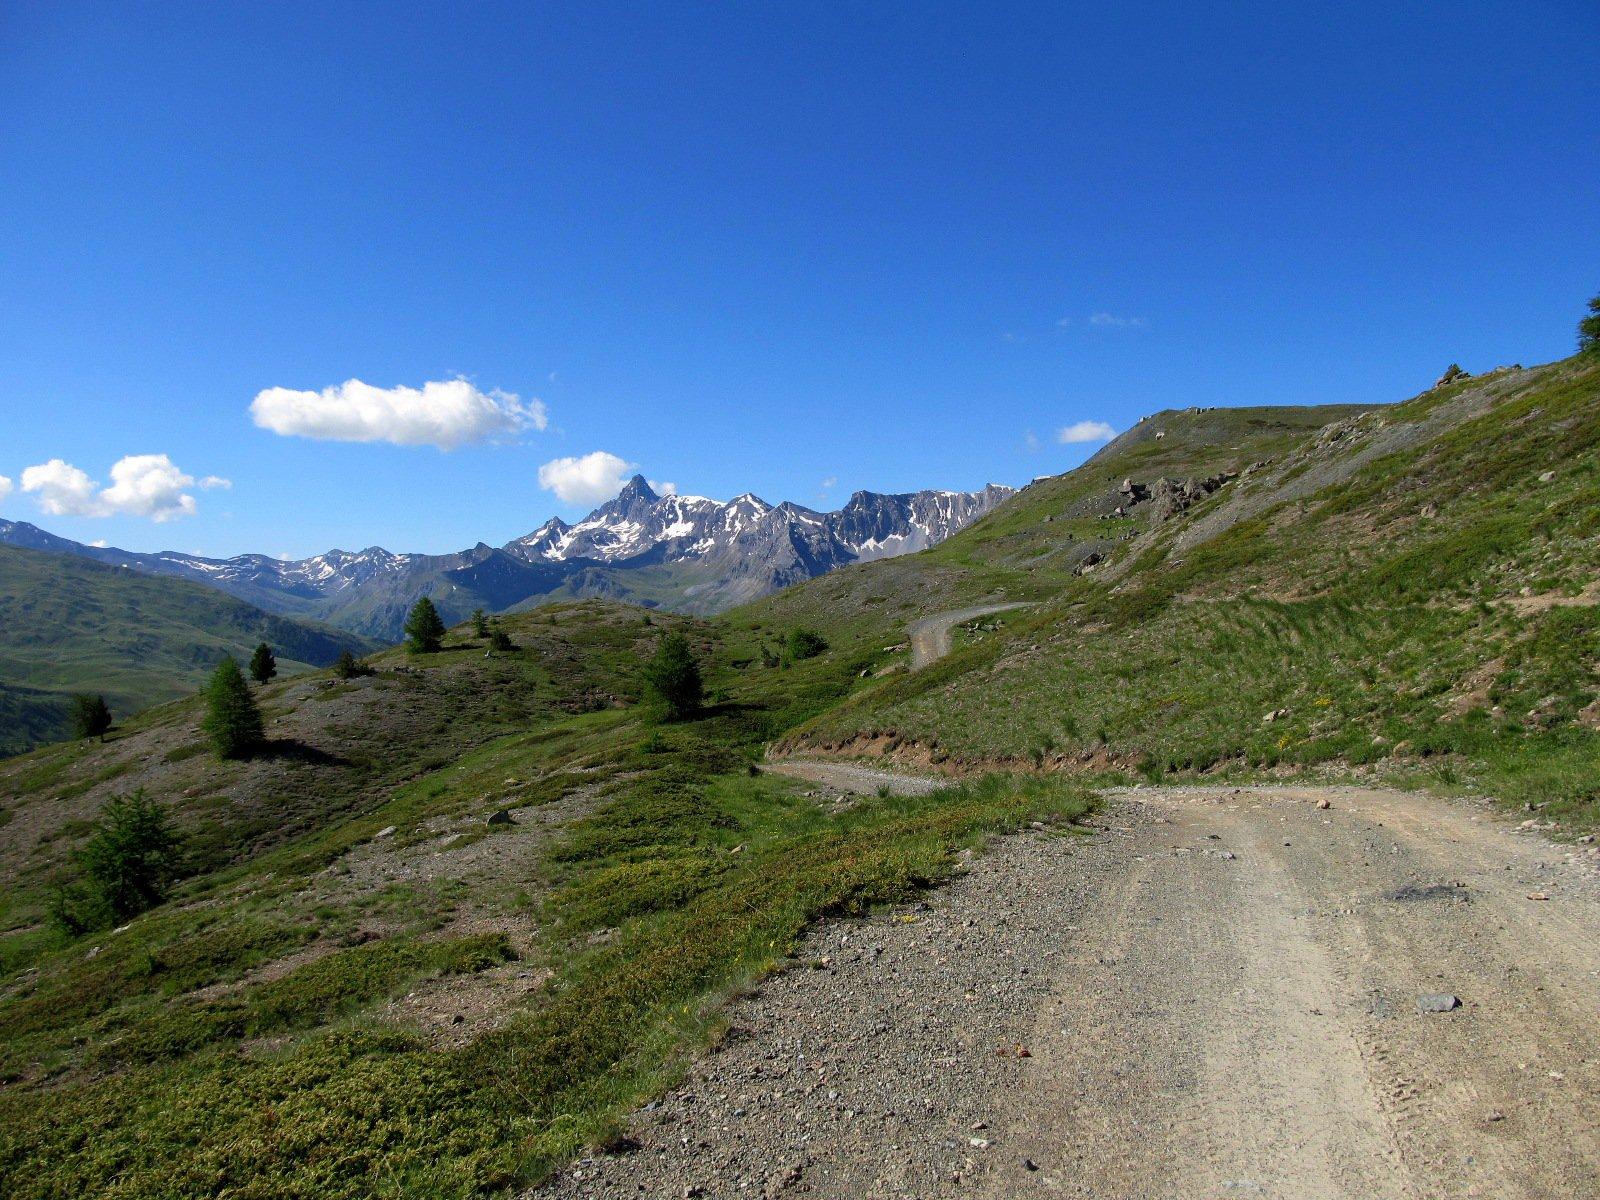 Strada di salita nei pressi di cima Saurel.